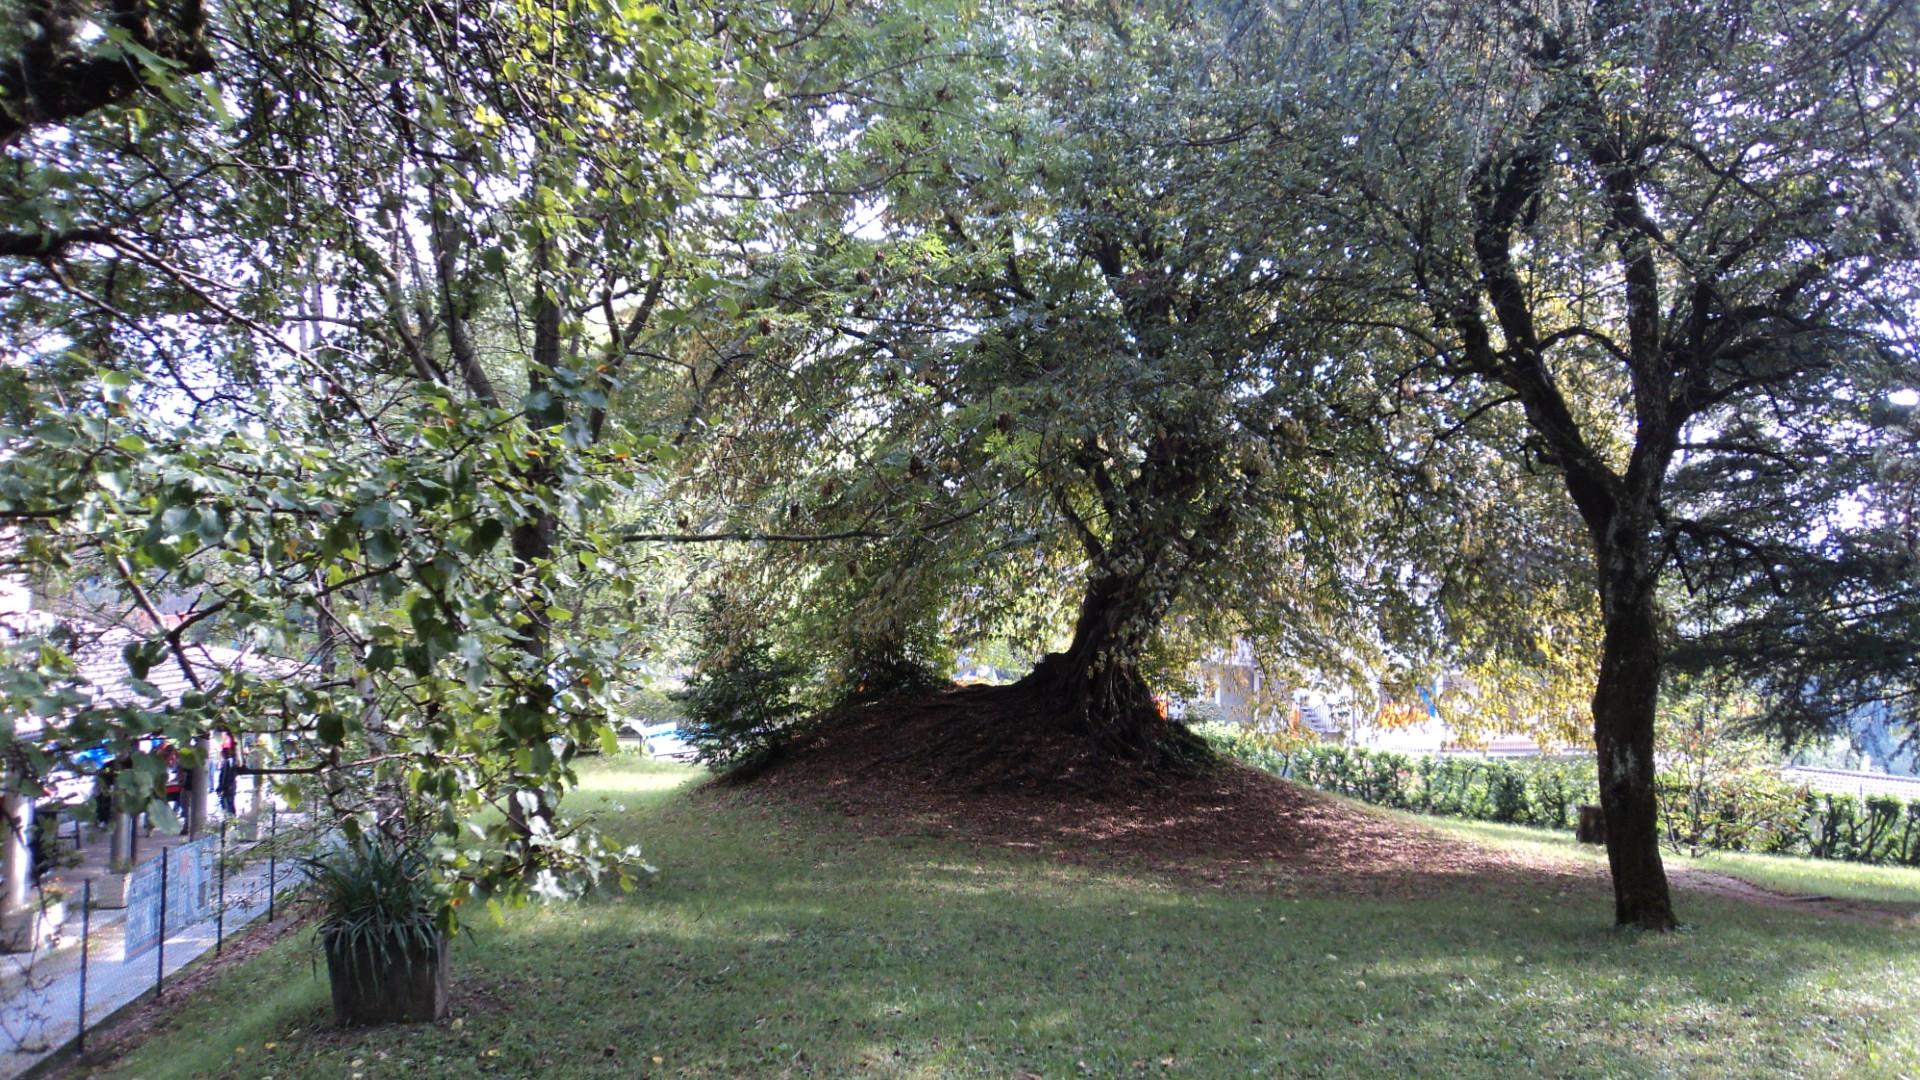 Giardino Di Una Casa file:giardino della casa - panoramio (1) - wikimedia commons